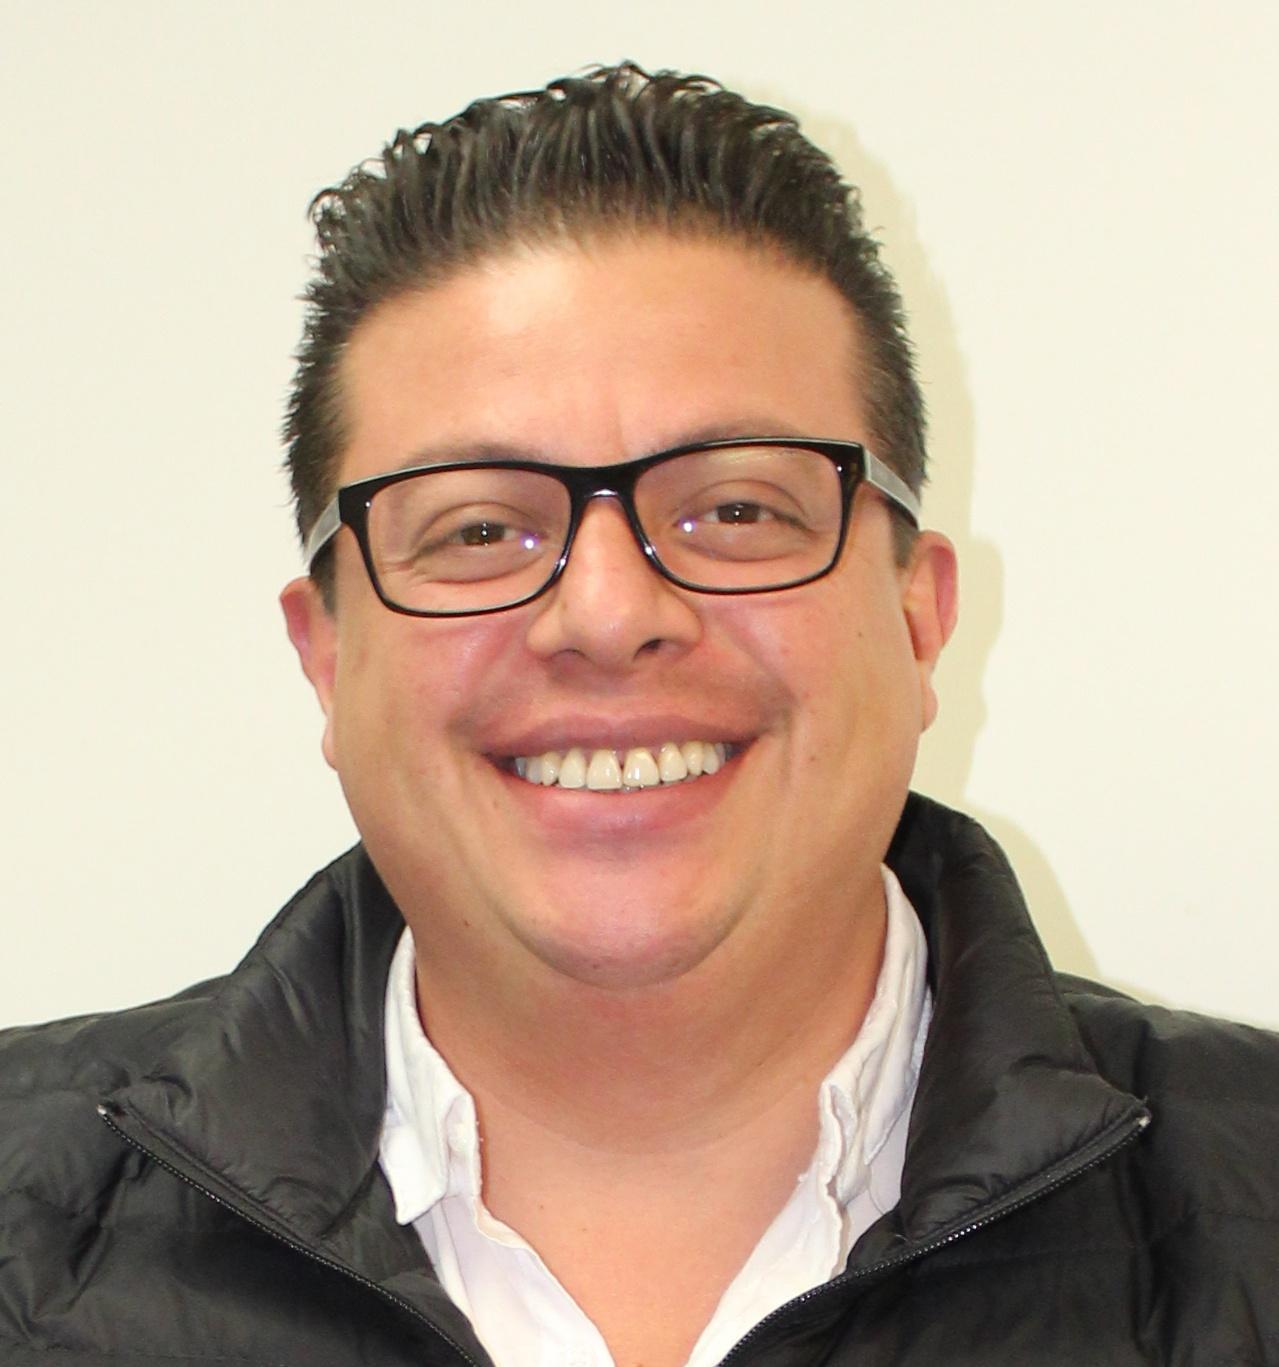 Carlos Vicente Enriquez Tenes